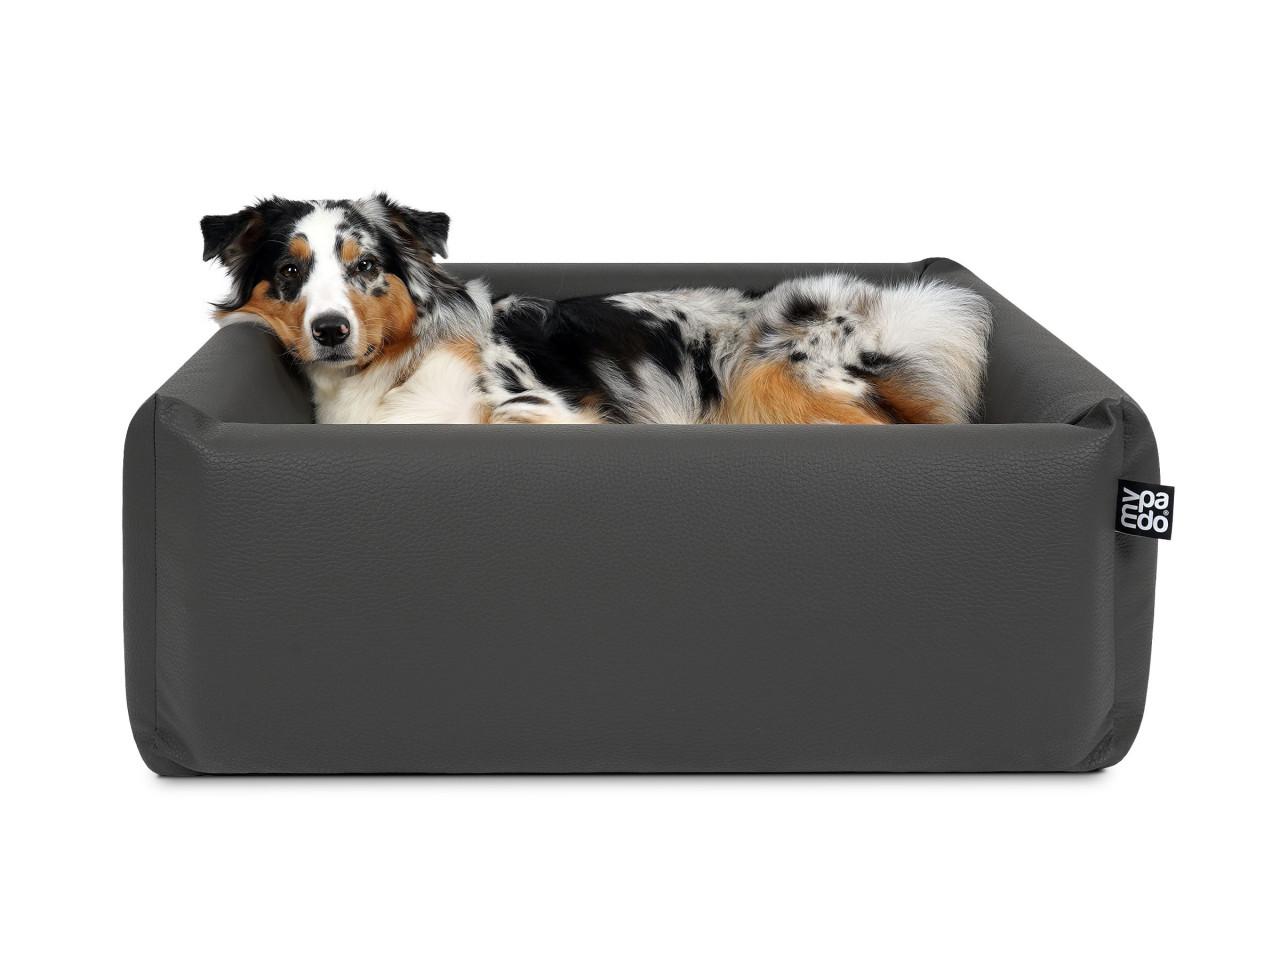 mypado Quadro Kunstleder-Premium Hundebett